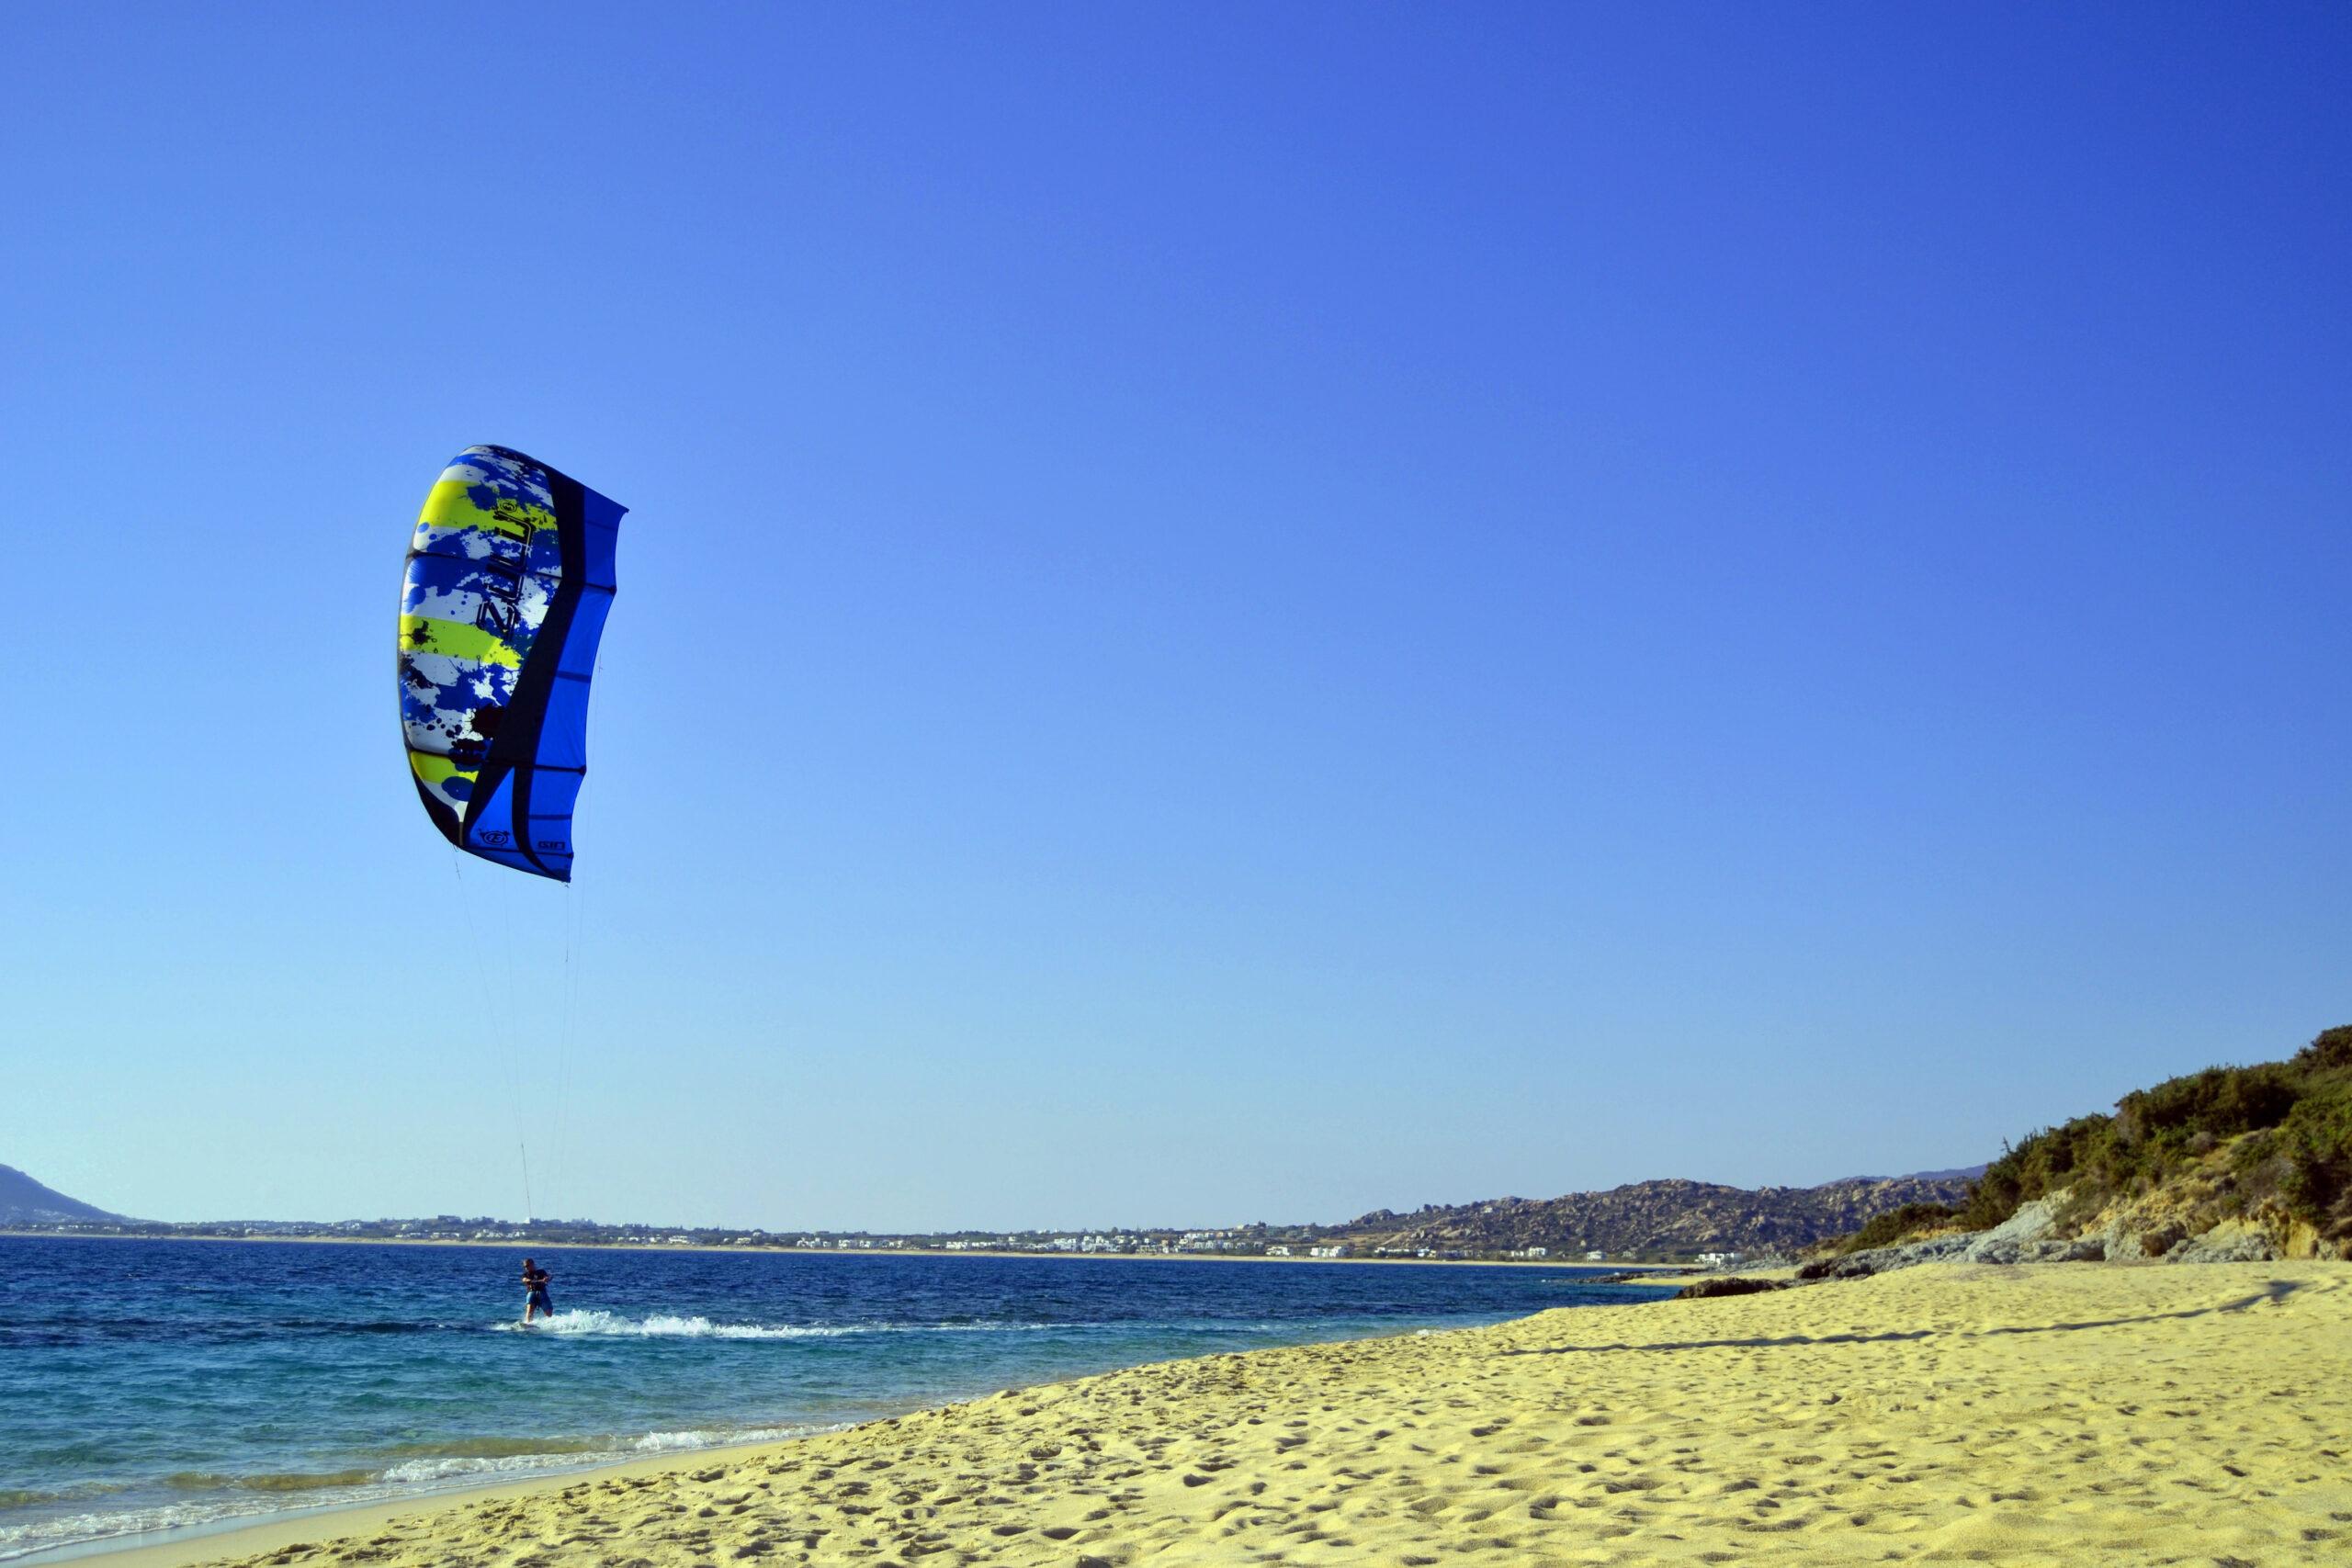 Gästblogg om kitesurfing